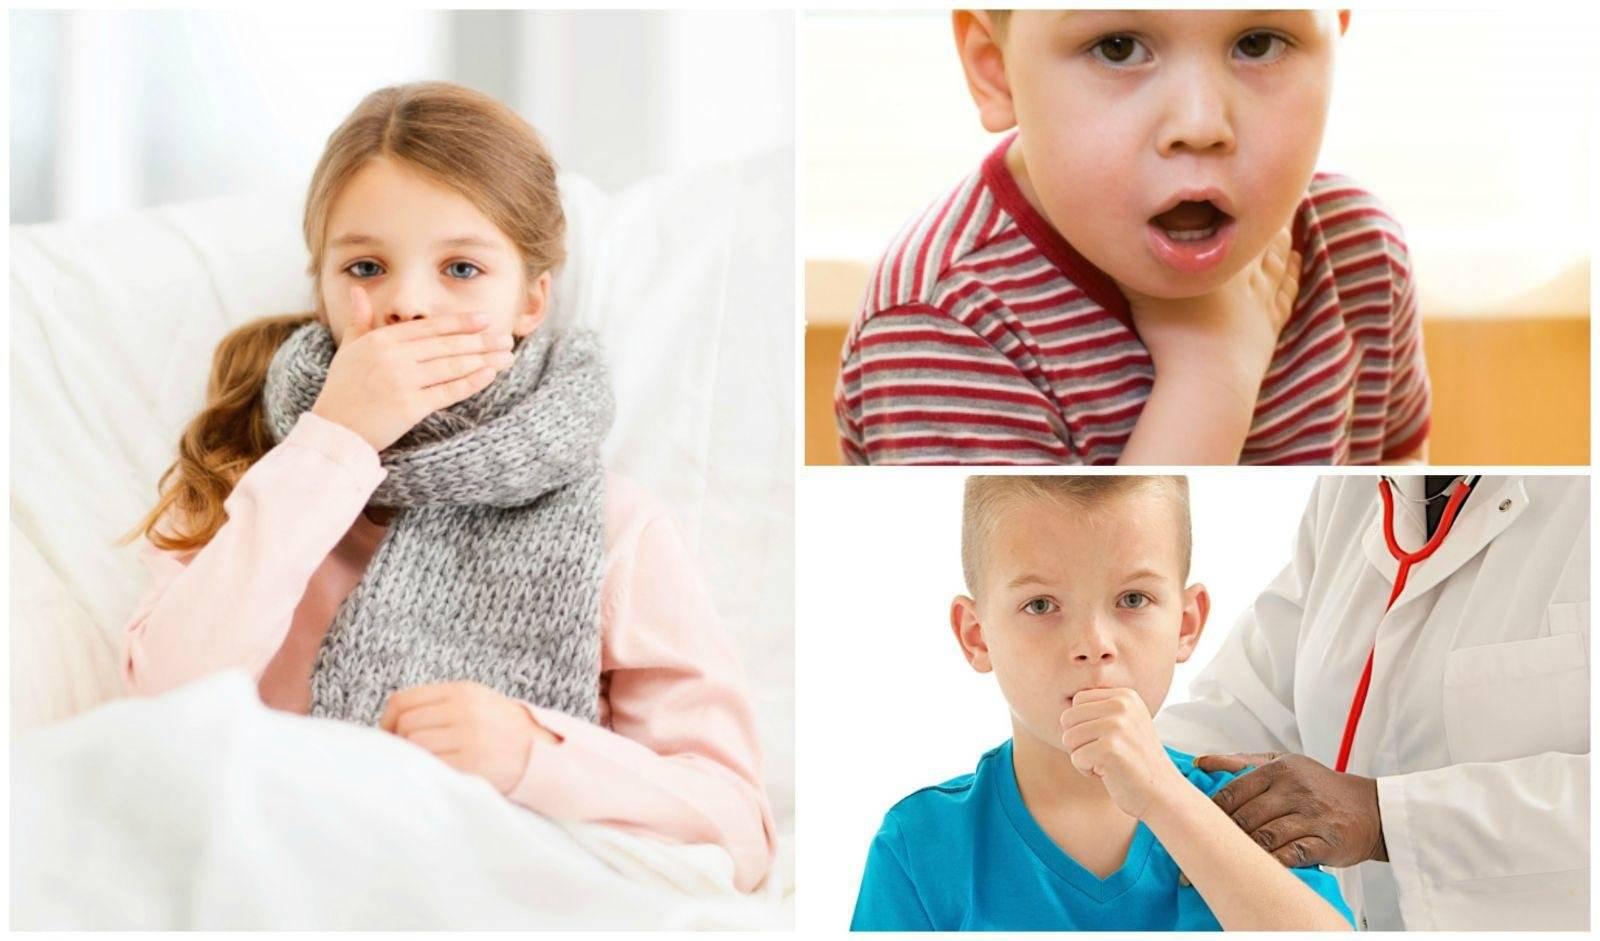 Нервный кашель у ребенка: симптомы и лечение